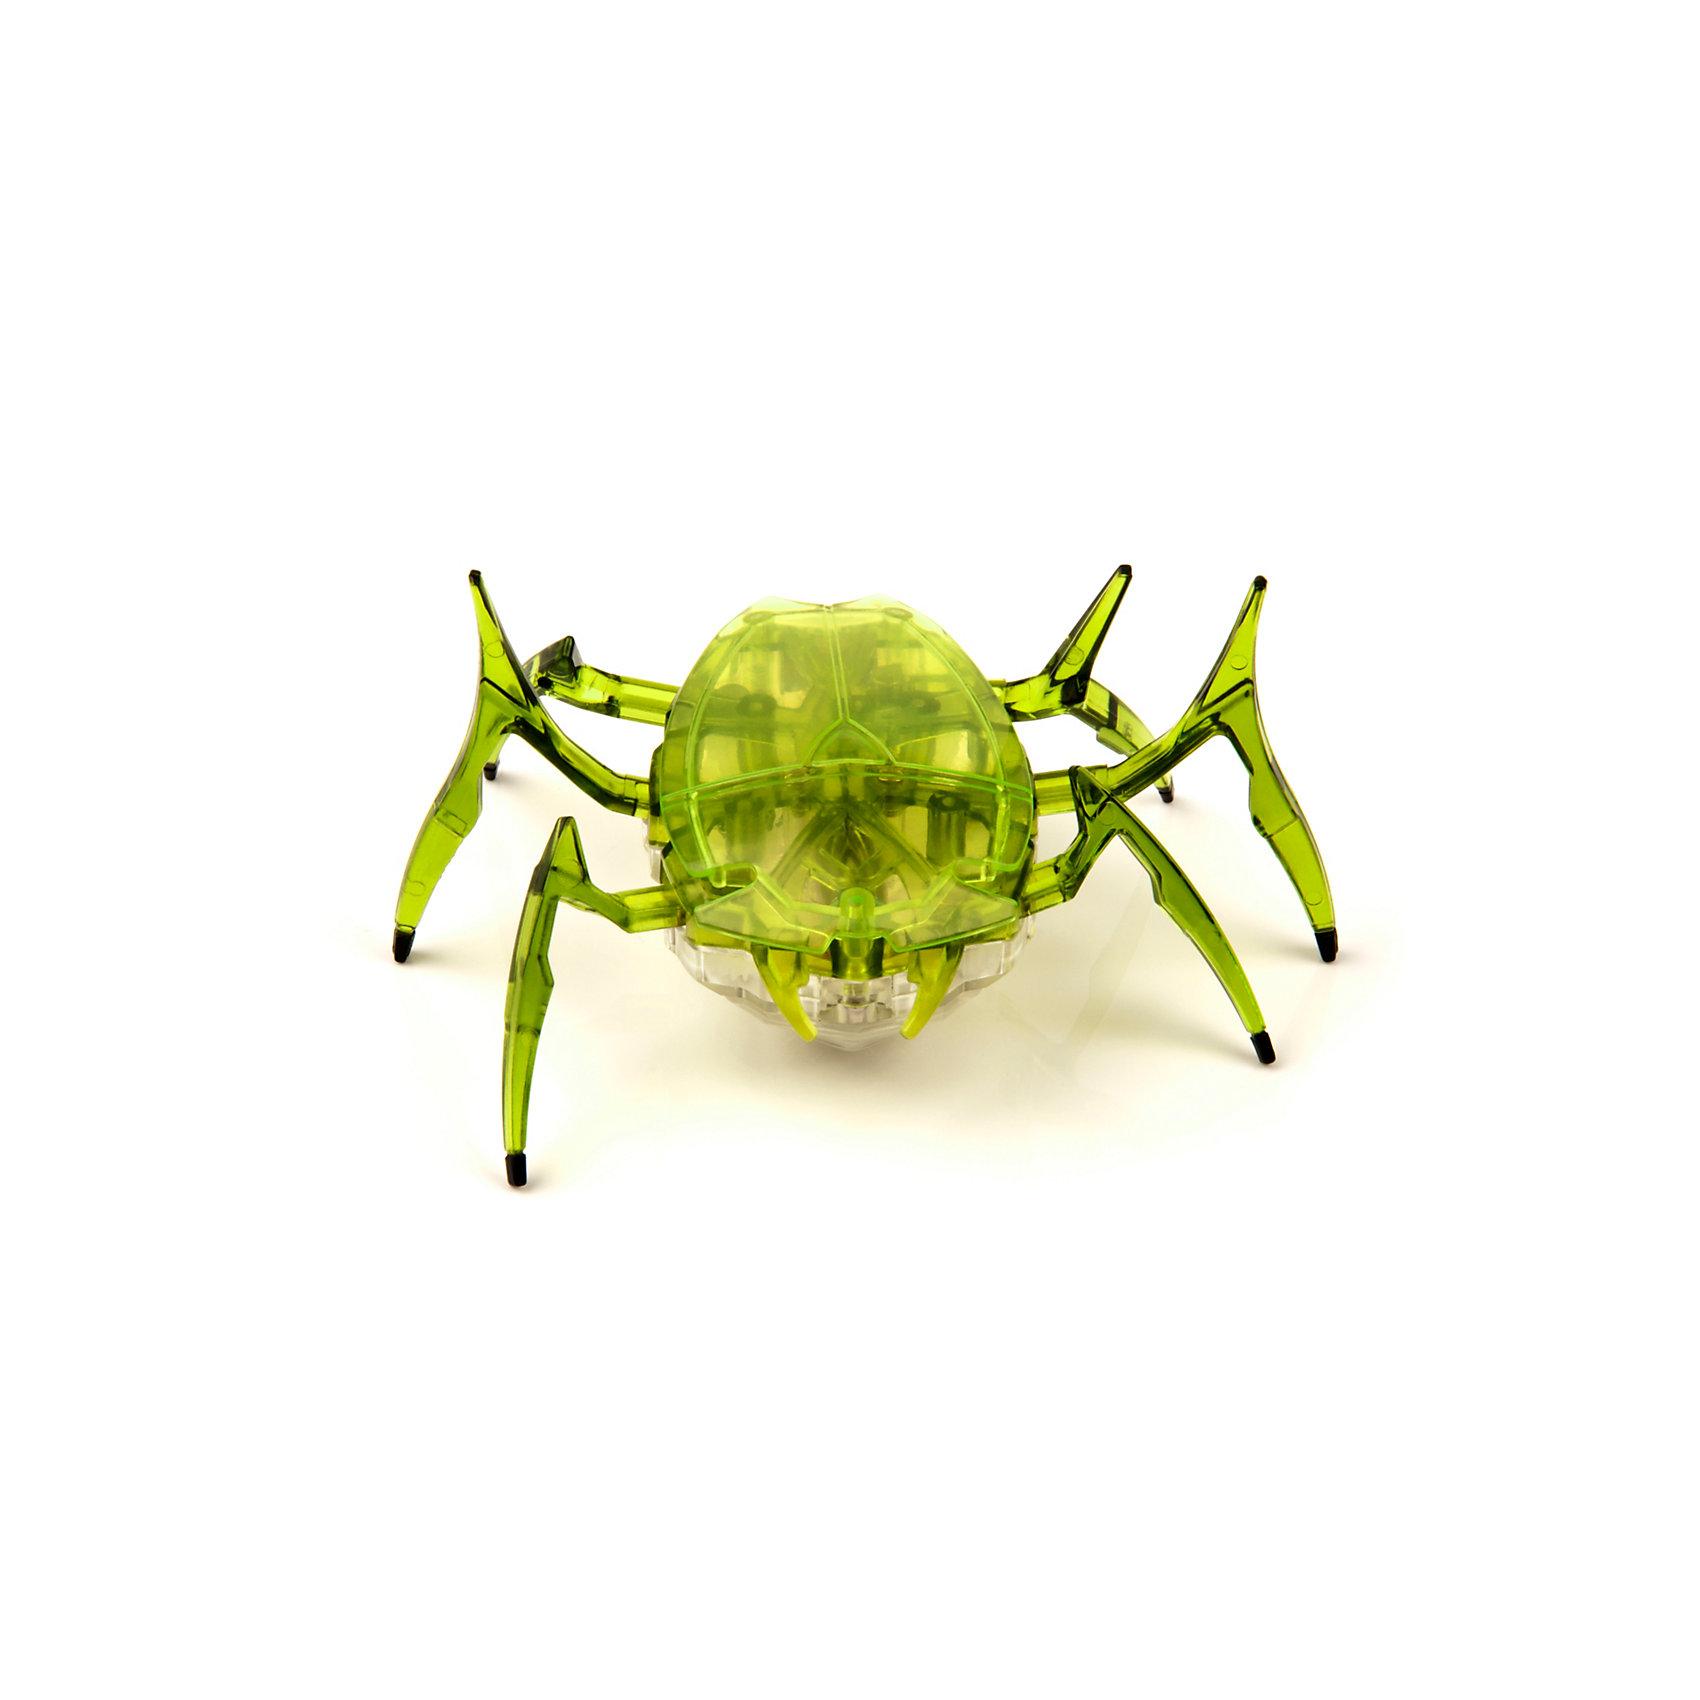 Микро-робот Жук Скарабей, зеленый, HexbugНаноробот Hexbug Жук Скарабей.<br><br>Характеристики электронной игрушки Hexbug:<br><br>• строение тела: крупное овальное тело, выпуклое сверху и снизу;<br>• количество лап: 3 пары;<br>• специальная конструкция лапок для достижение максимальной скорости;<br>• передвигается только на своих лапках;<br>• супербыстрый наноробот, присутствует агрессивность;<br>• 12 передач и мощнейший моторчик – 1220 раз в минуту жук Скарабей передвигает лапками;<br>• специальный привод, случайность траектории движения;<br>• при встрече с препятствием: мелкий предмет отодвигает лапками, от большого предмета отпрыгивает в поисках новой траектории движения;<br>• при падении на спину жук Hexbug Nano переворачивается на лапки;<br>• размер скарабея: 8,2х4,1х5,7 см;<br>• вес наноробота: 28,5 г.<br><br>Современные и технологичные электронные игрушки Hexbug Nano – это скоростные жуки Скарабеи, быстрые, шустрые, умные. Бегают по случайно выбранной траектории, отталкиваются и переворачиваются после падения. Настоящий прорыв в области подвижных микро-роботов!<br><br>Микро-робот Жук Скарабей, зеленый, Hexbug можно купить в нашем интернет-магазине.<br><br>Ширина мм: 6<br>Глубина мм: 13<br>Высота мм: 11<br>Вес г: 47<br>Возраст от месяцев: 36<br>Возраст до месяцев: 2147483647<br>Пол: Унисекс<br>Возраст: Детский<br>SKU: 5007081